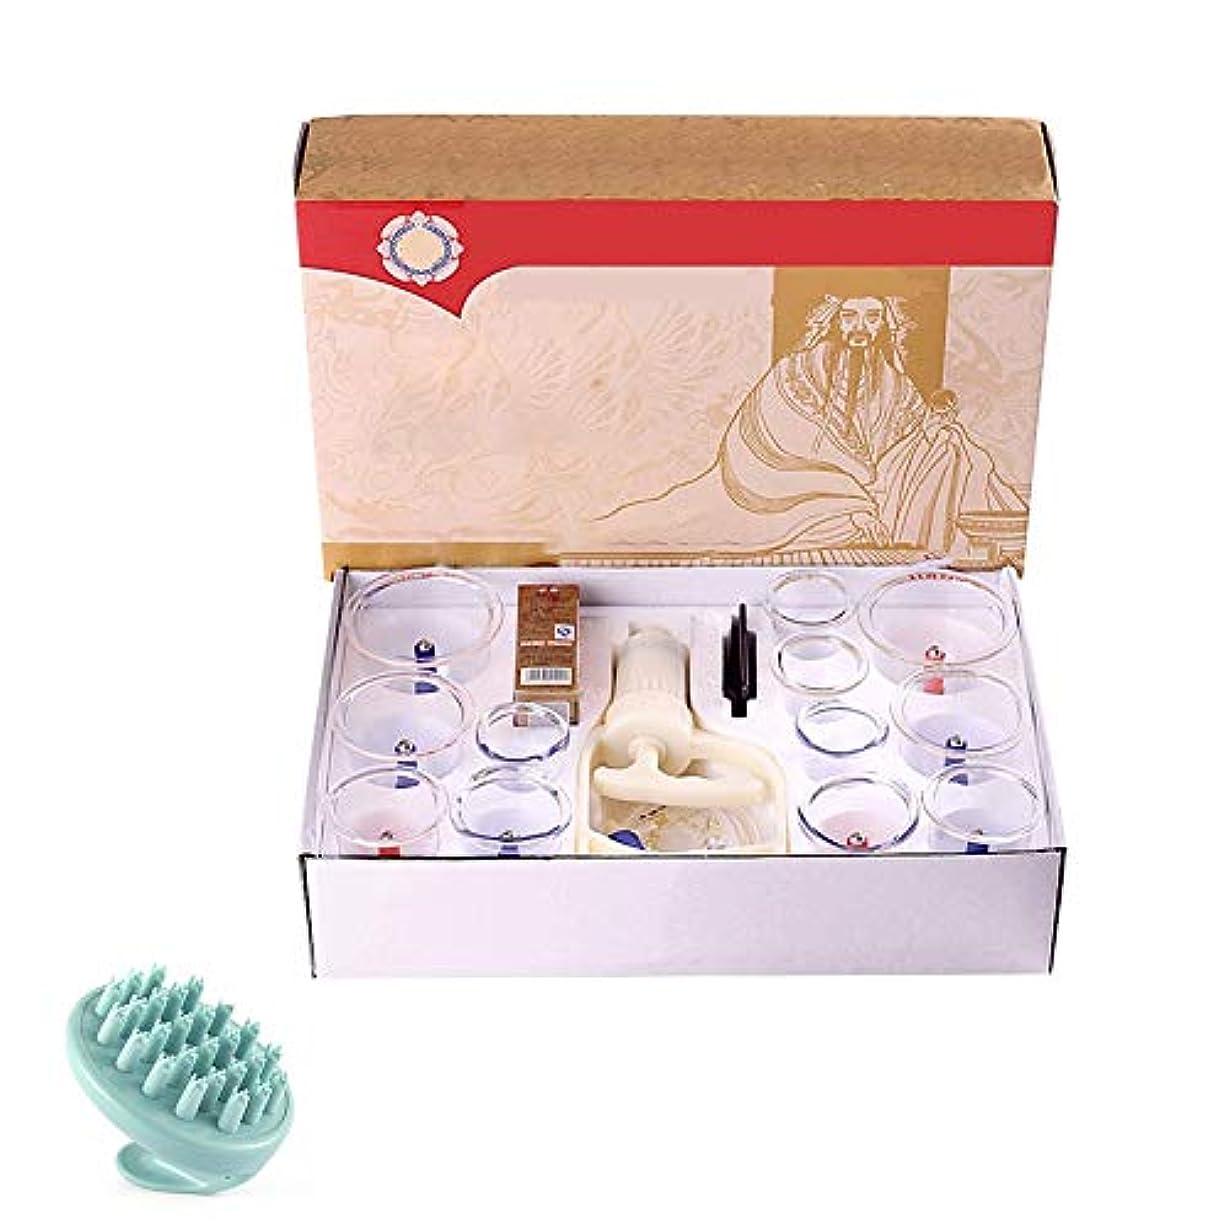 大騒ぎ承認する望み12カップマッサージカッピングセット、真空吸引生体磁気中国ツボ療法、女性と男性のための家、ストレス筋肉緩和、親家族のための最高の贈り物